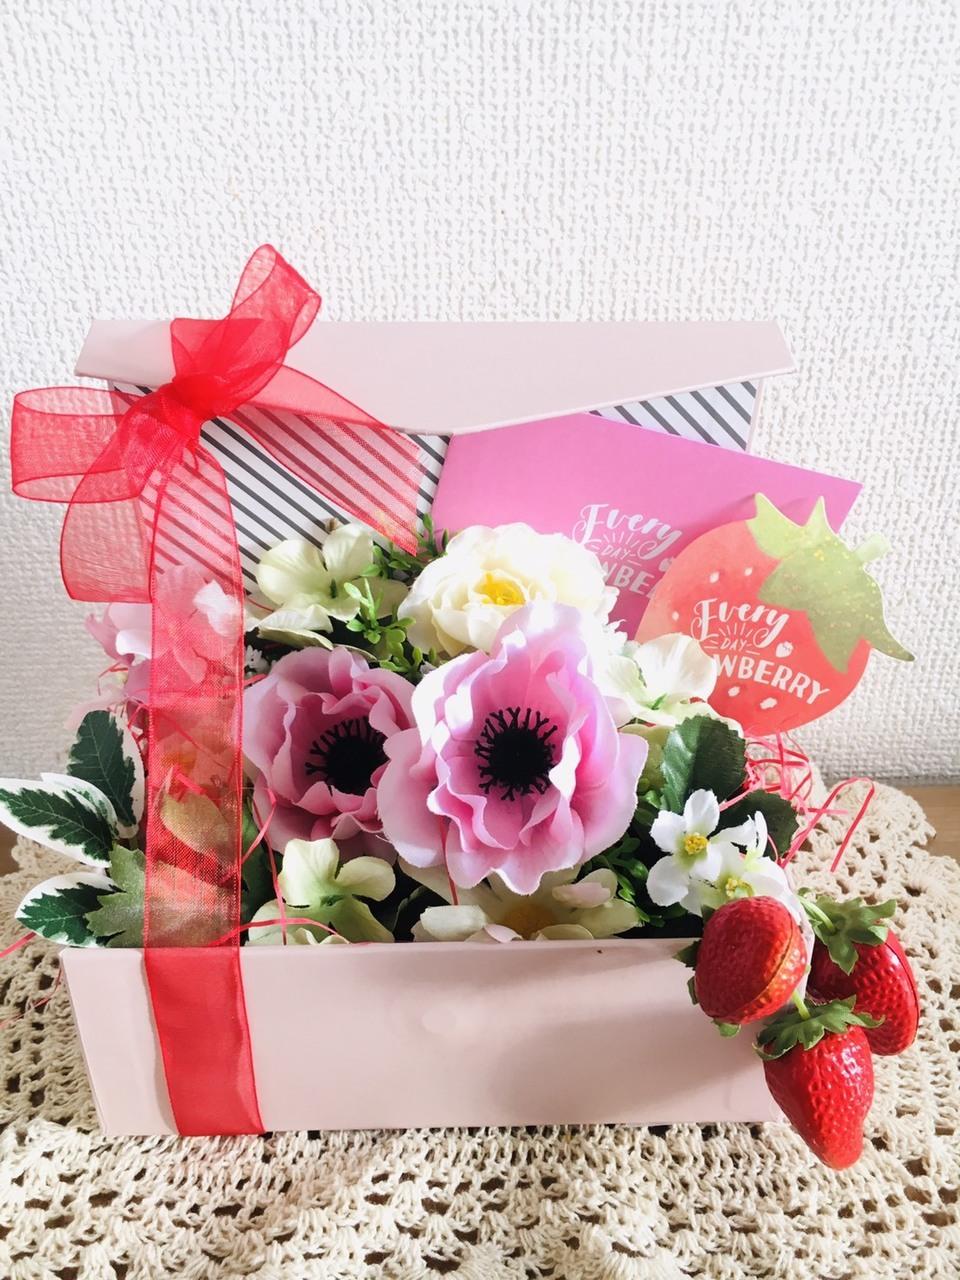 【小平】バレンタインワークショップフェア~②フラワーボックスづくり~|2021年2月14日(日)